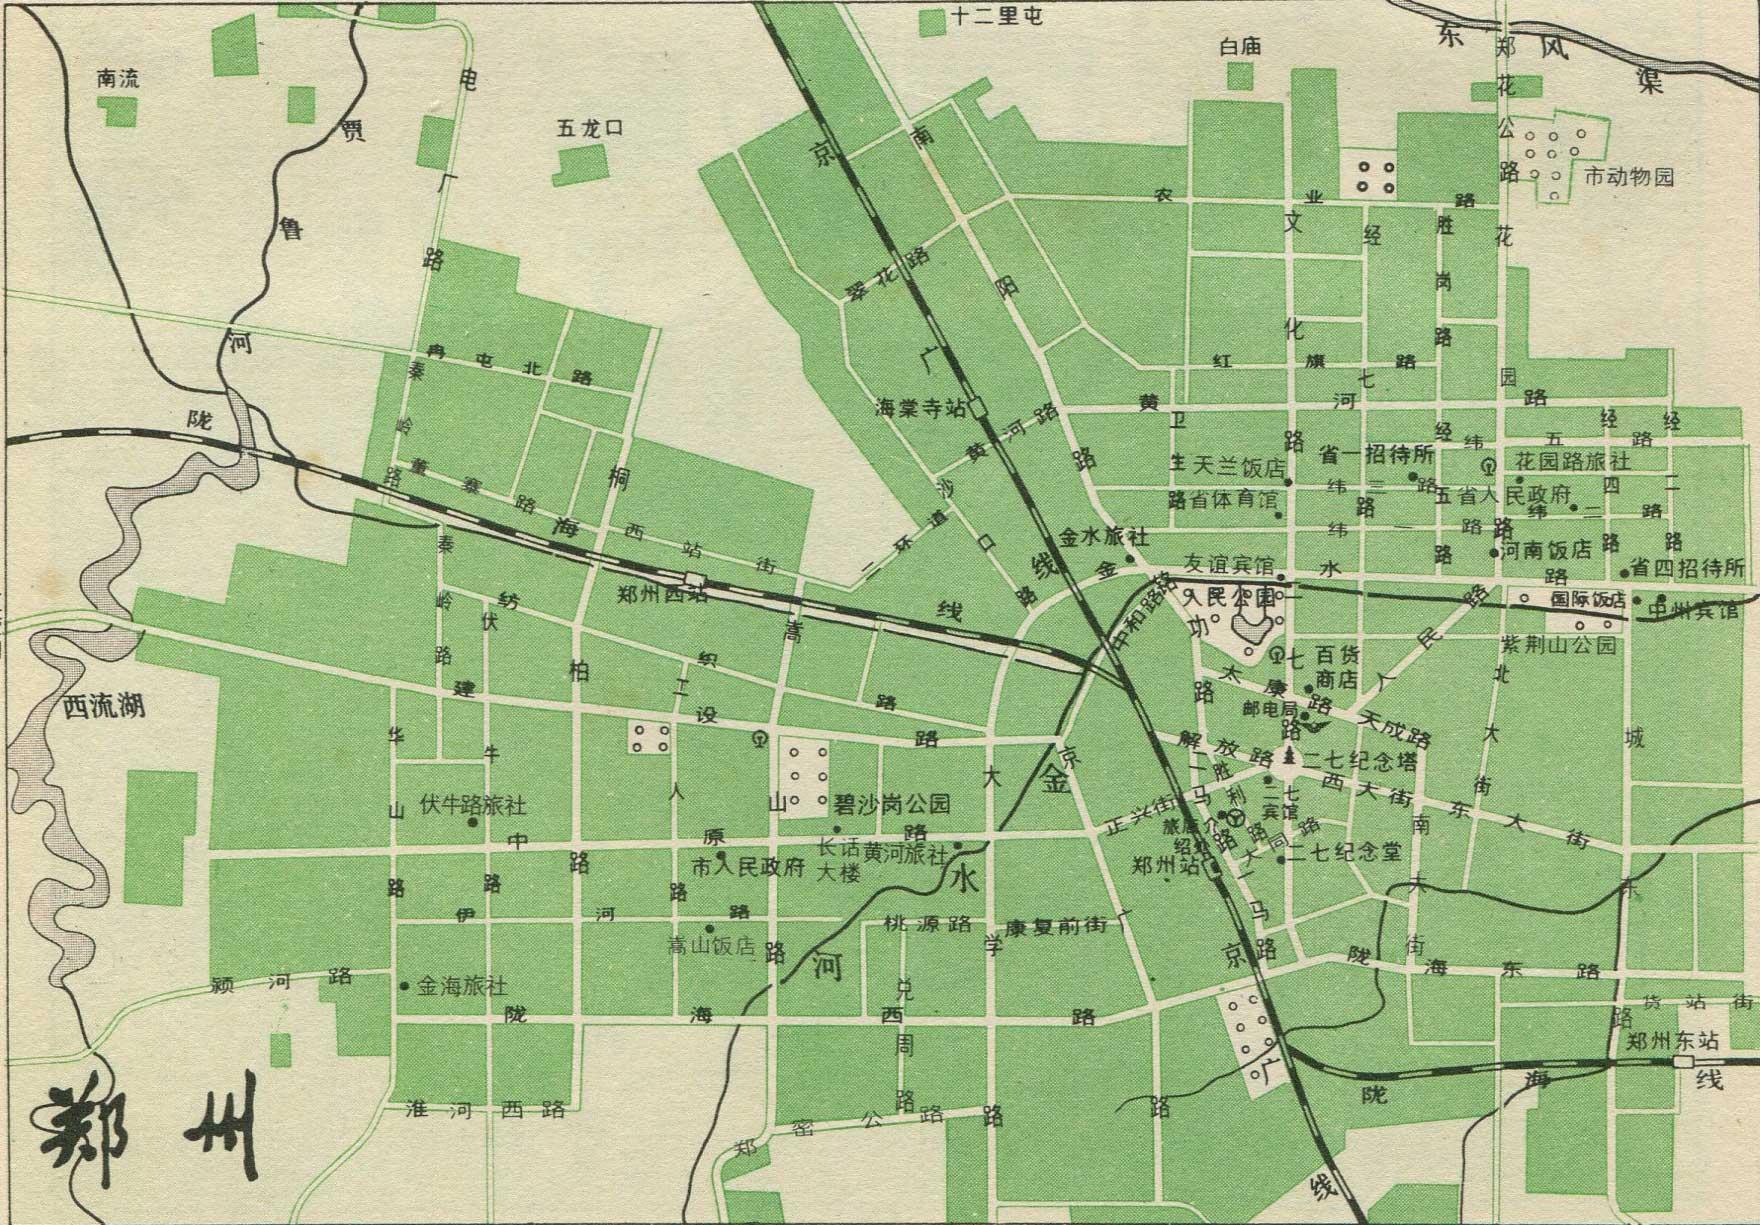 郑州市铁路线路图